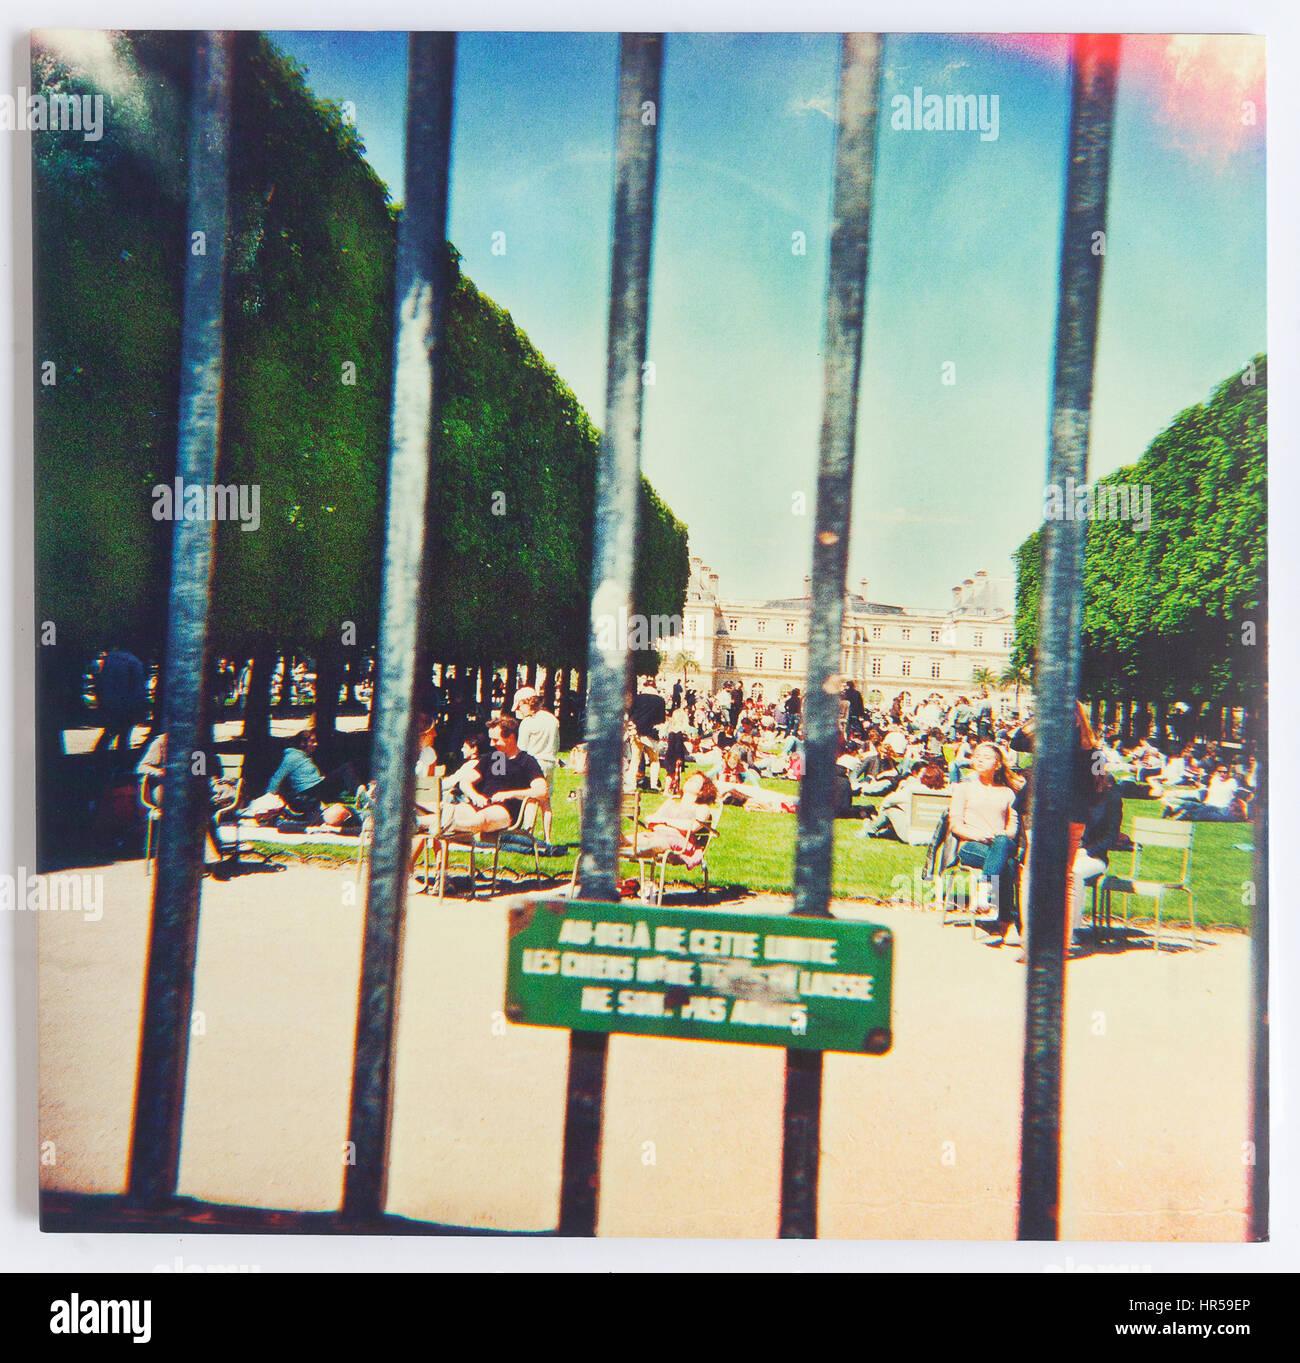 Die Abdeckung des Lonerism, 2012 Album von Tame Impala auf modularen Stockbild